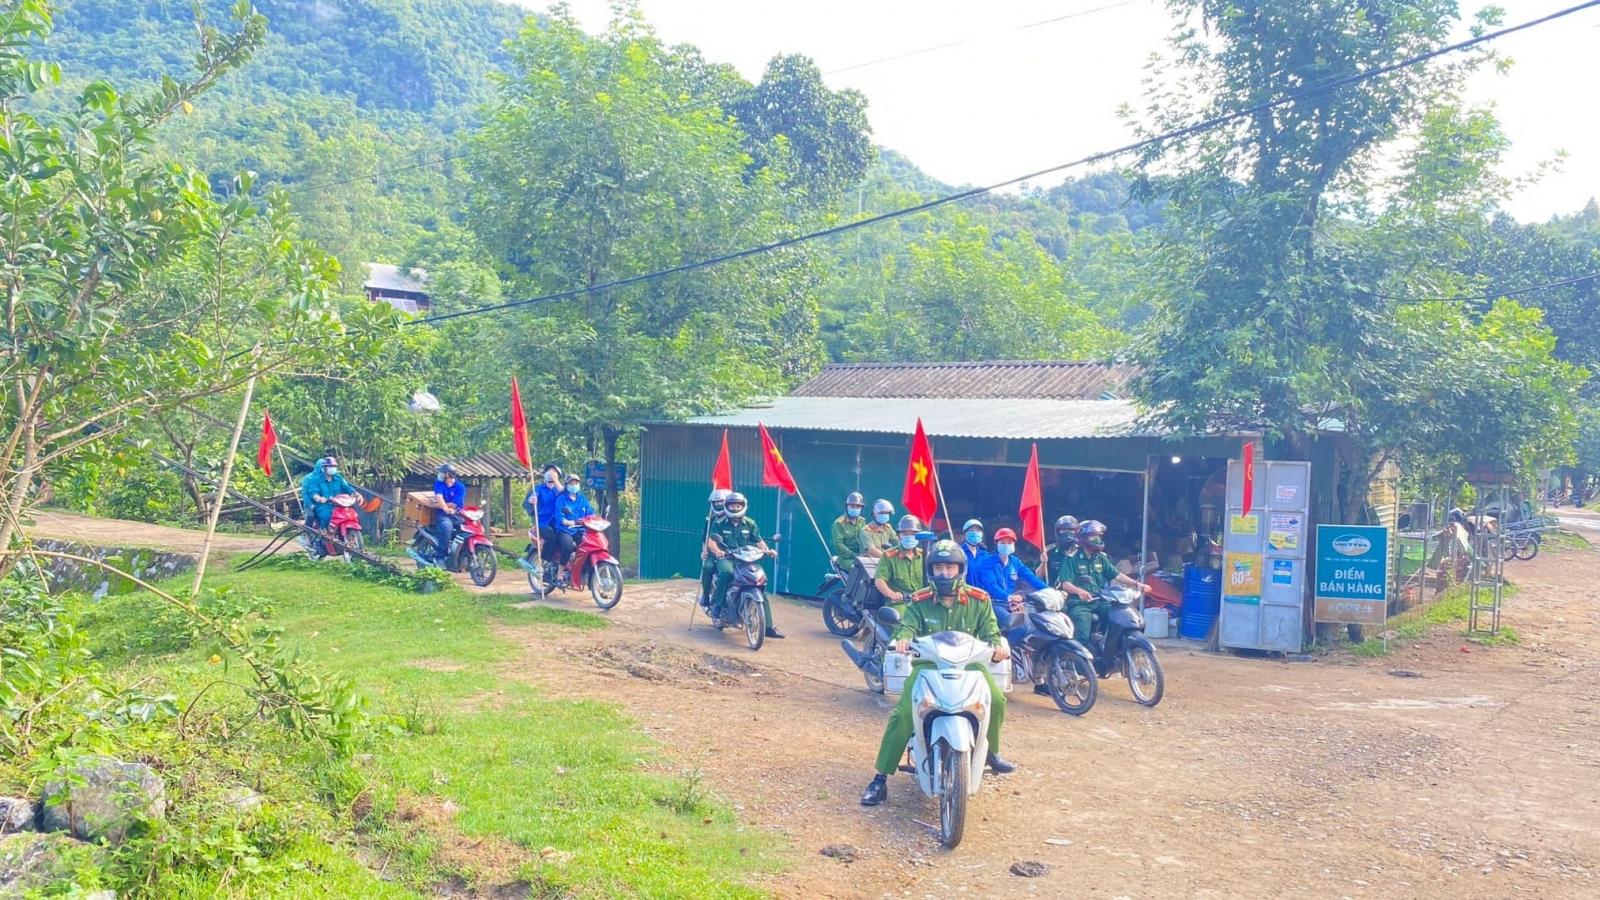 Bộ đội Biên phòng tỉnh Nghệ Antìm nhiều giải pháp phá án ma túy lớn